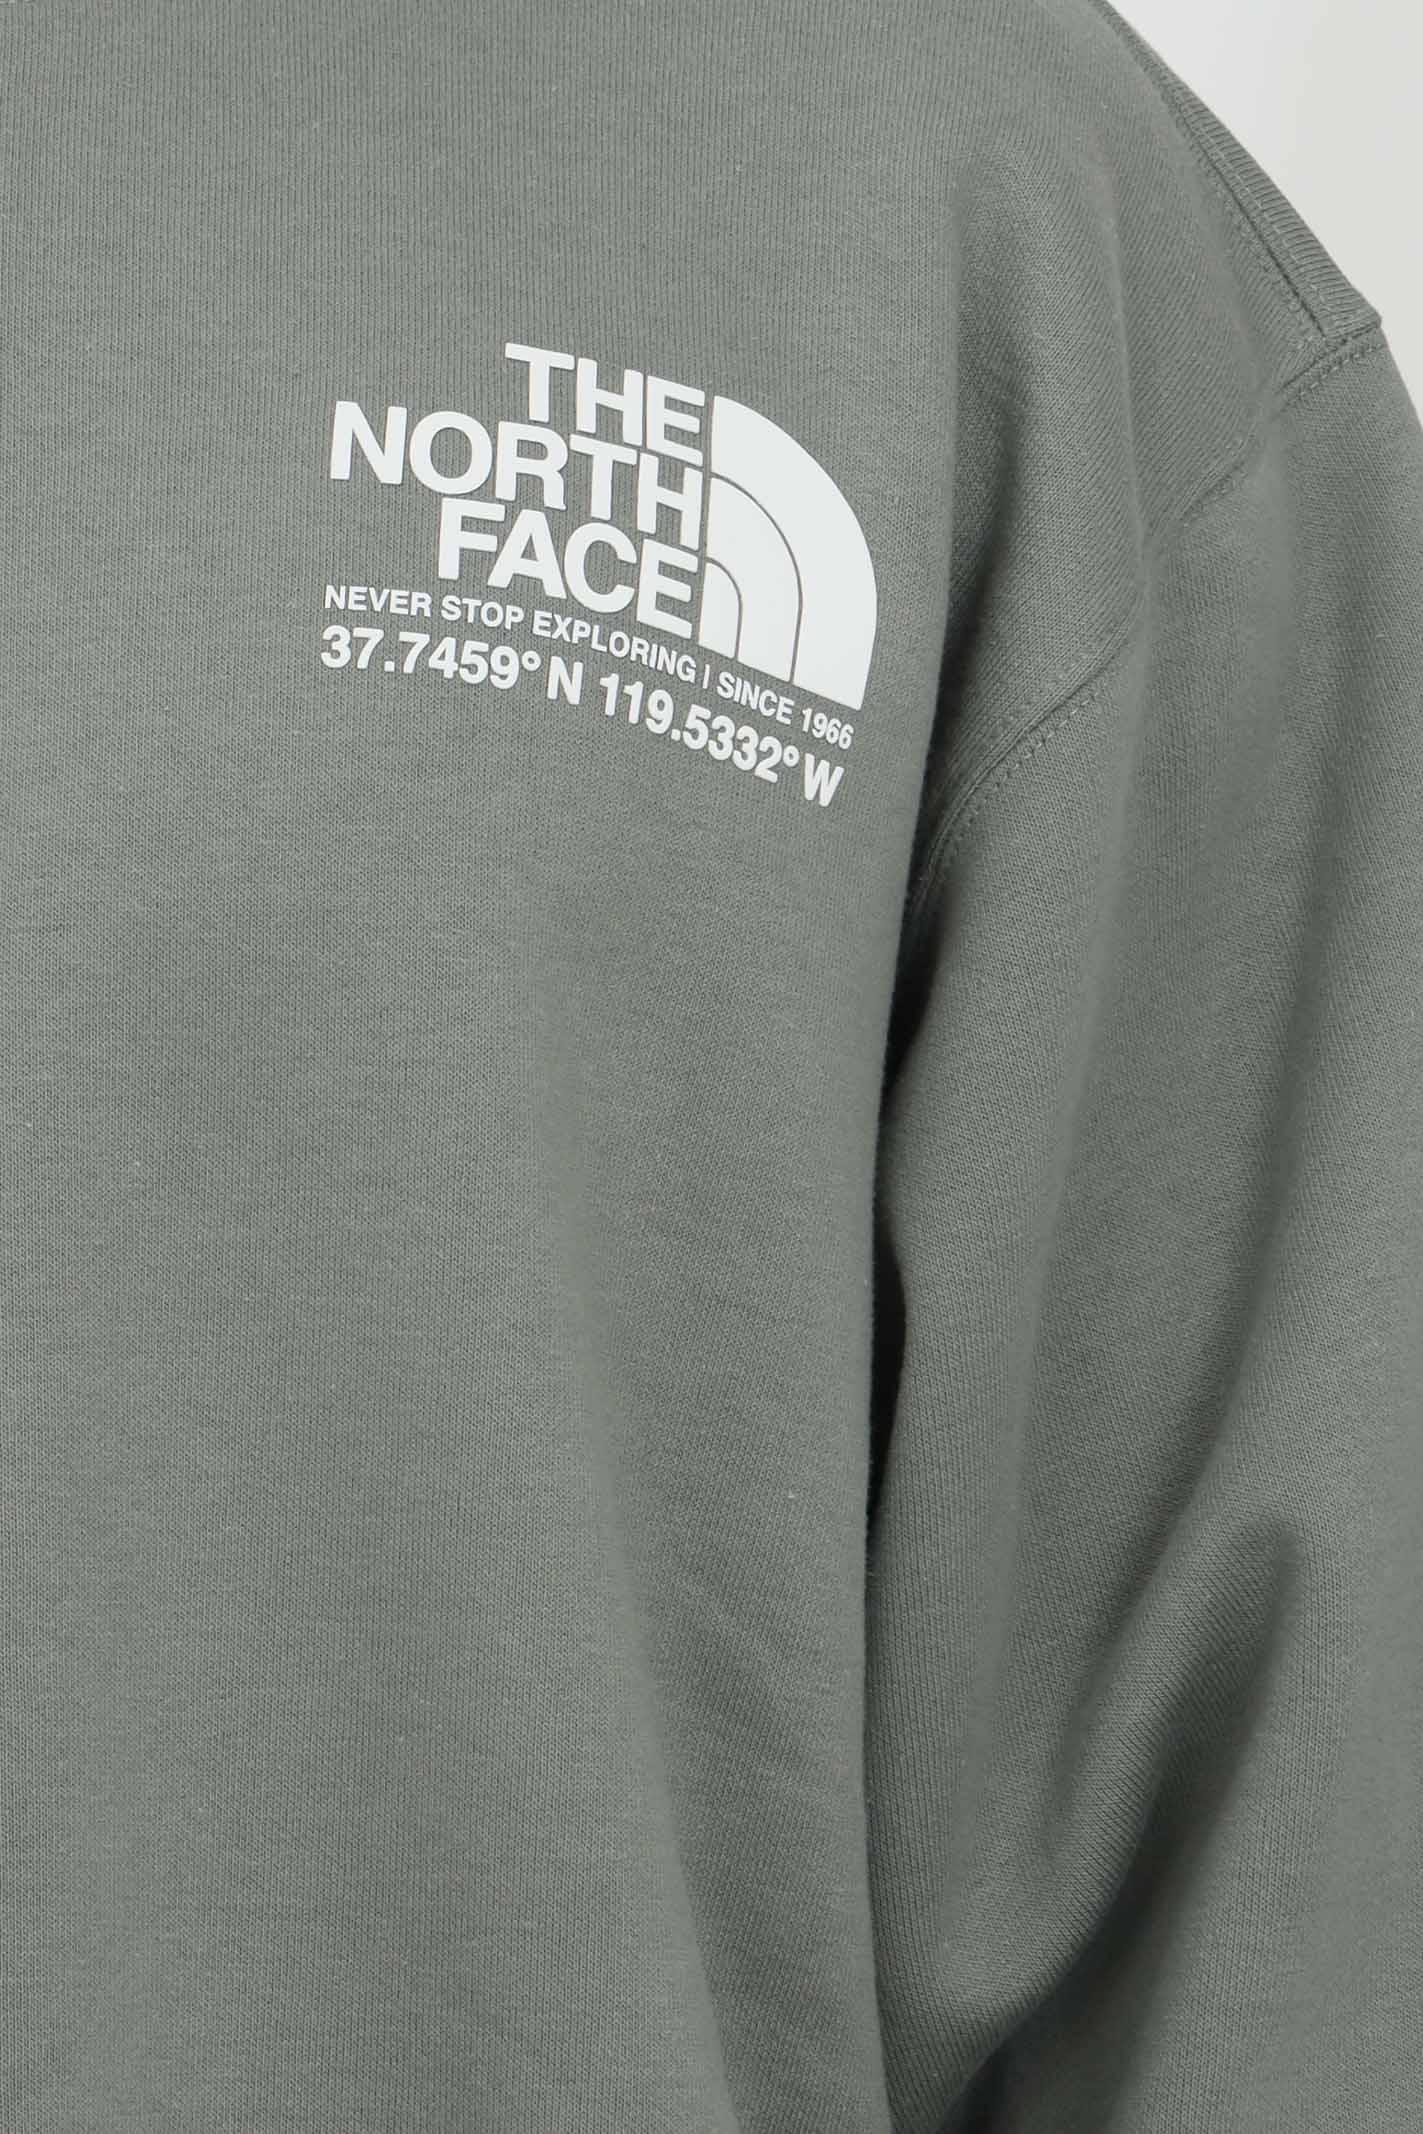 Felpa uomo verde the north face girocollo con stampa sul retro. Modello comodo con fondo e polsini elastici THE NORTH FACE | Felpe | NF0A55MXV381V381